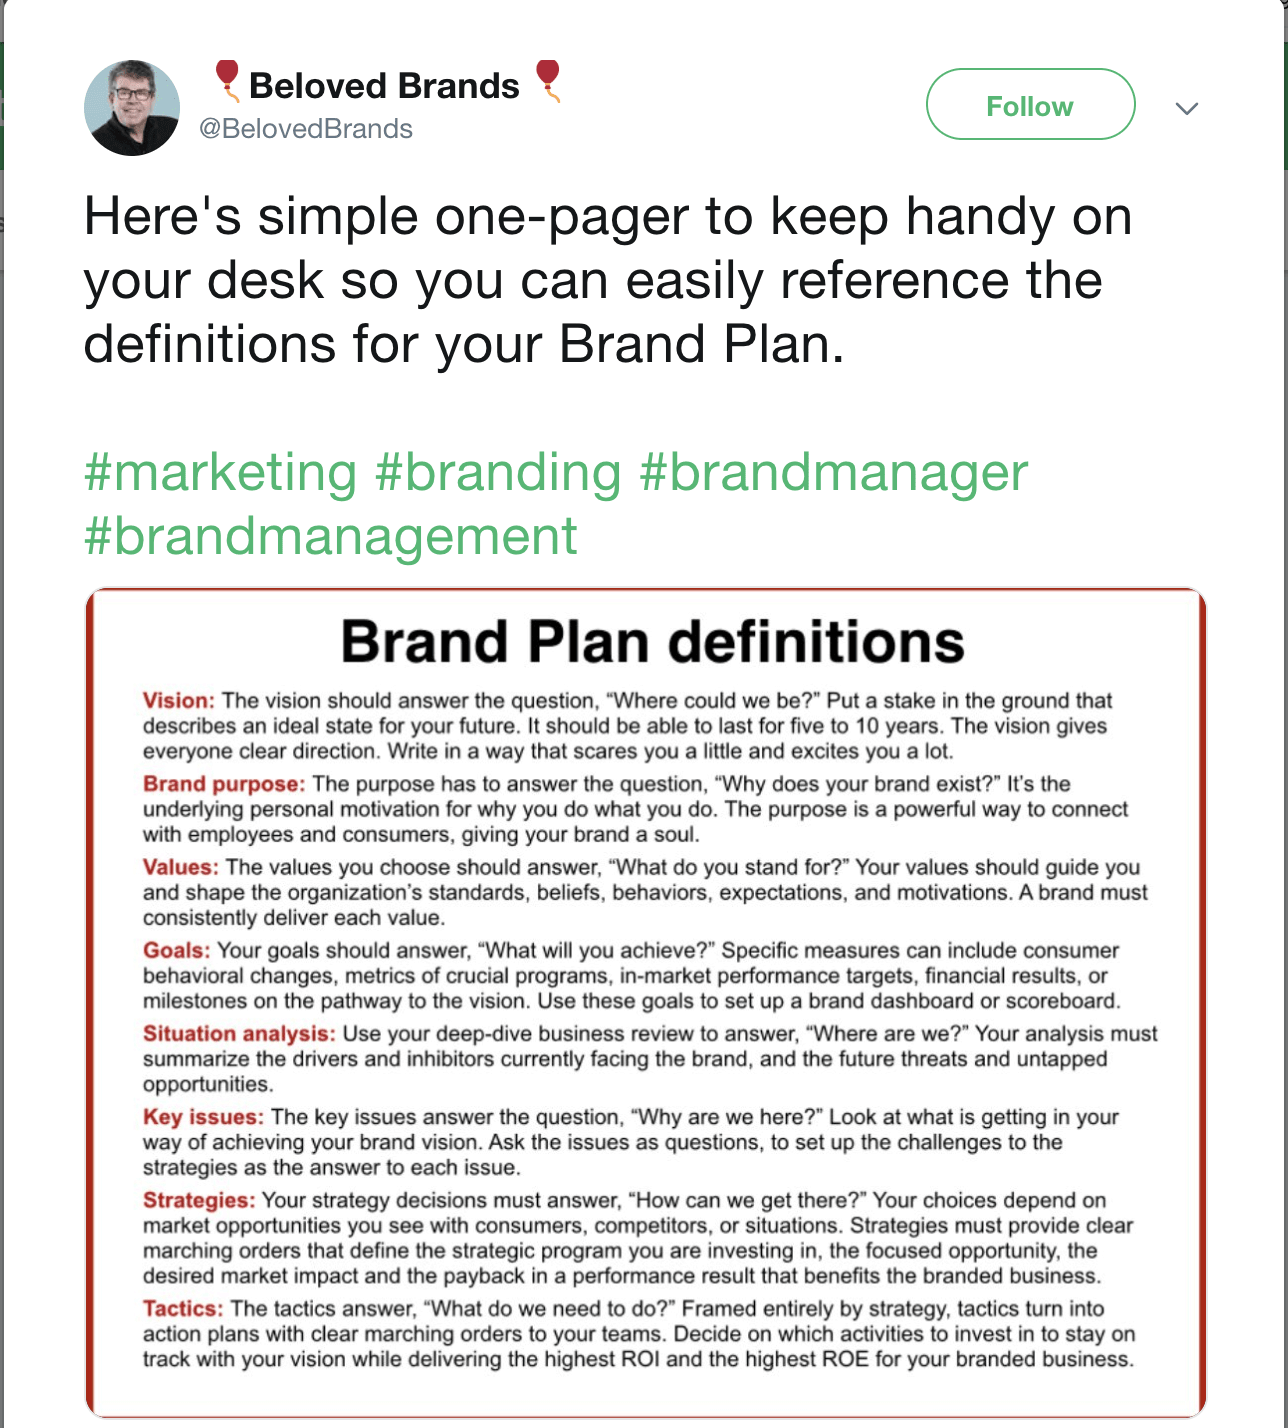 brand management definition beloved brands tweet